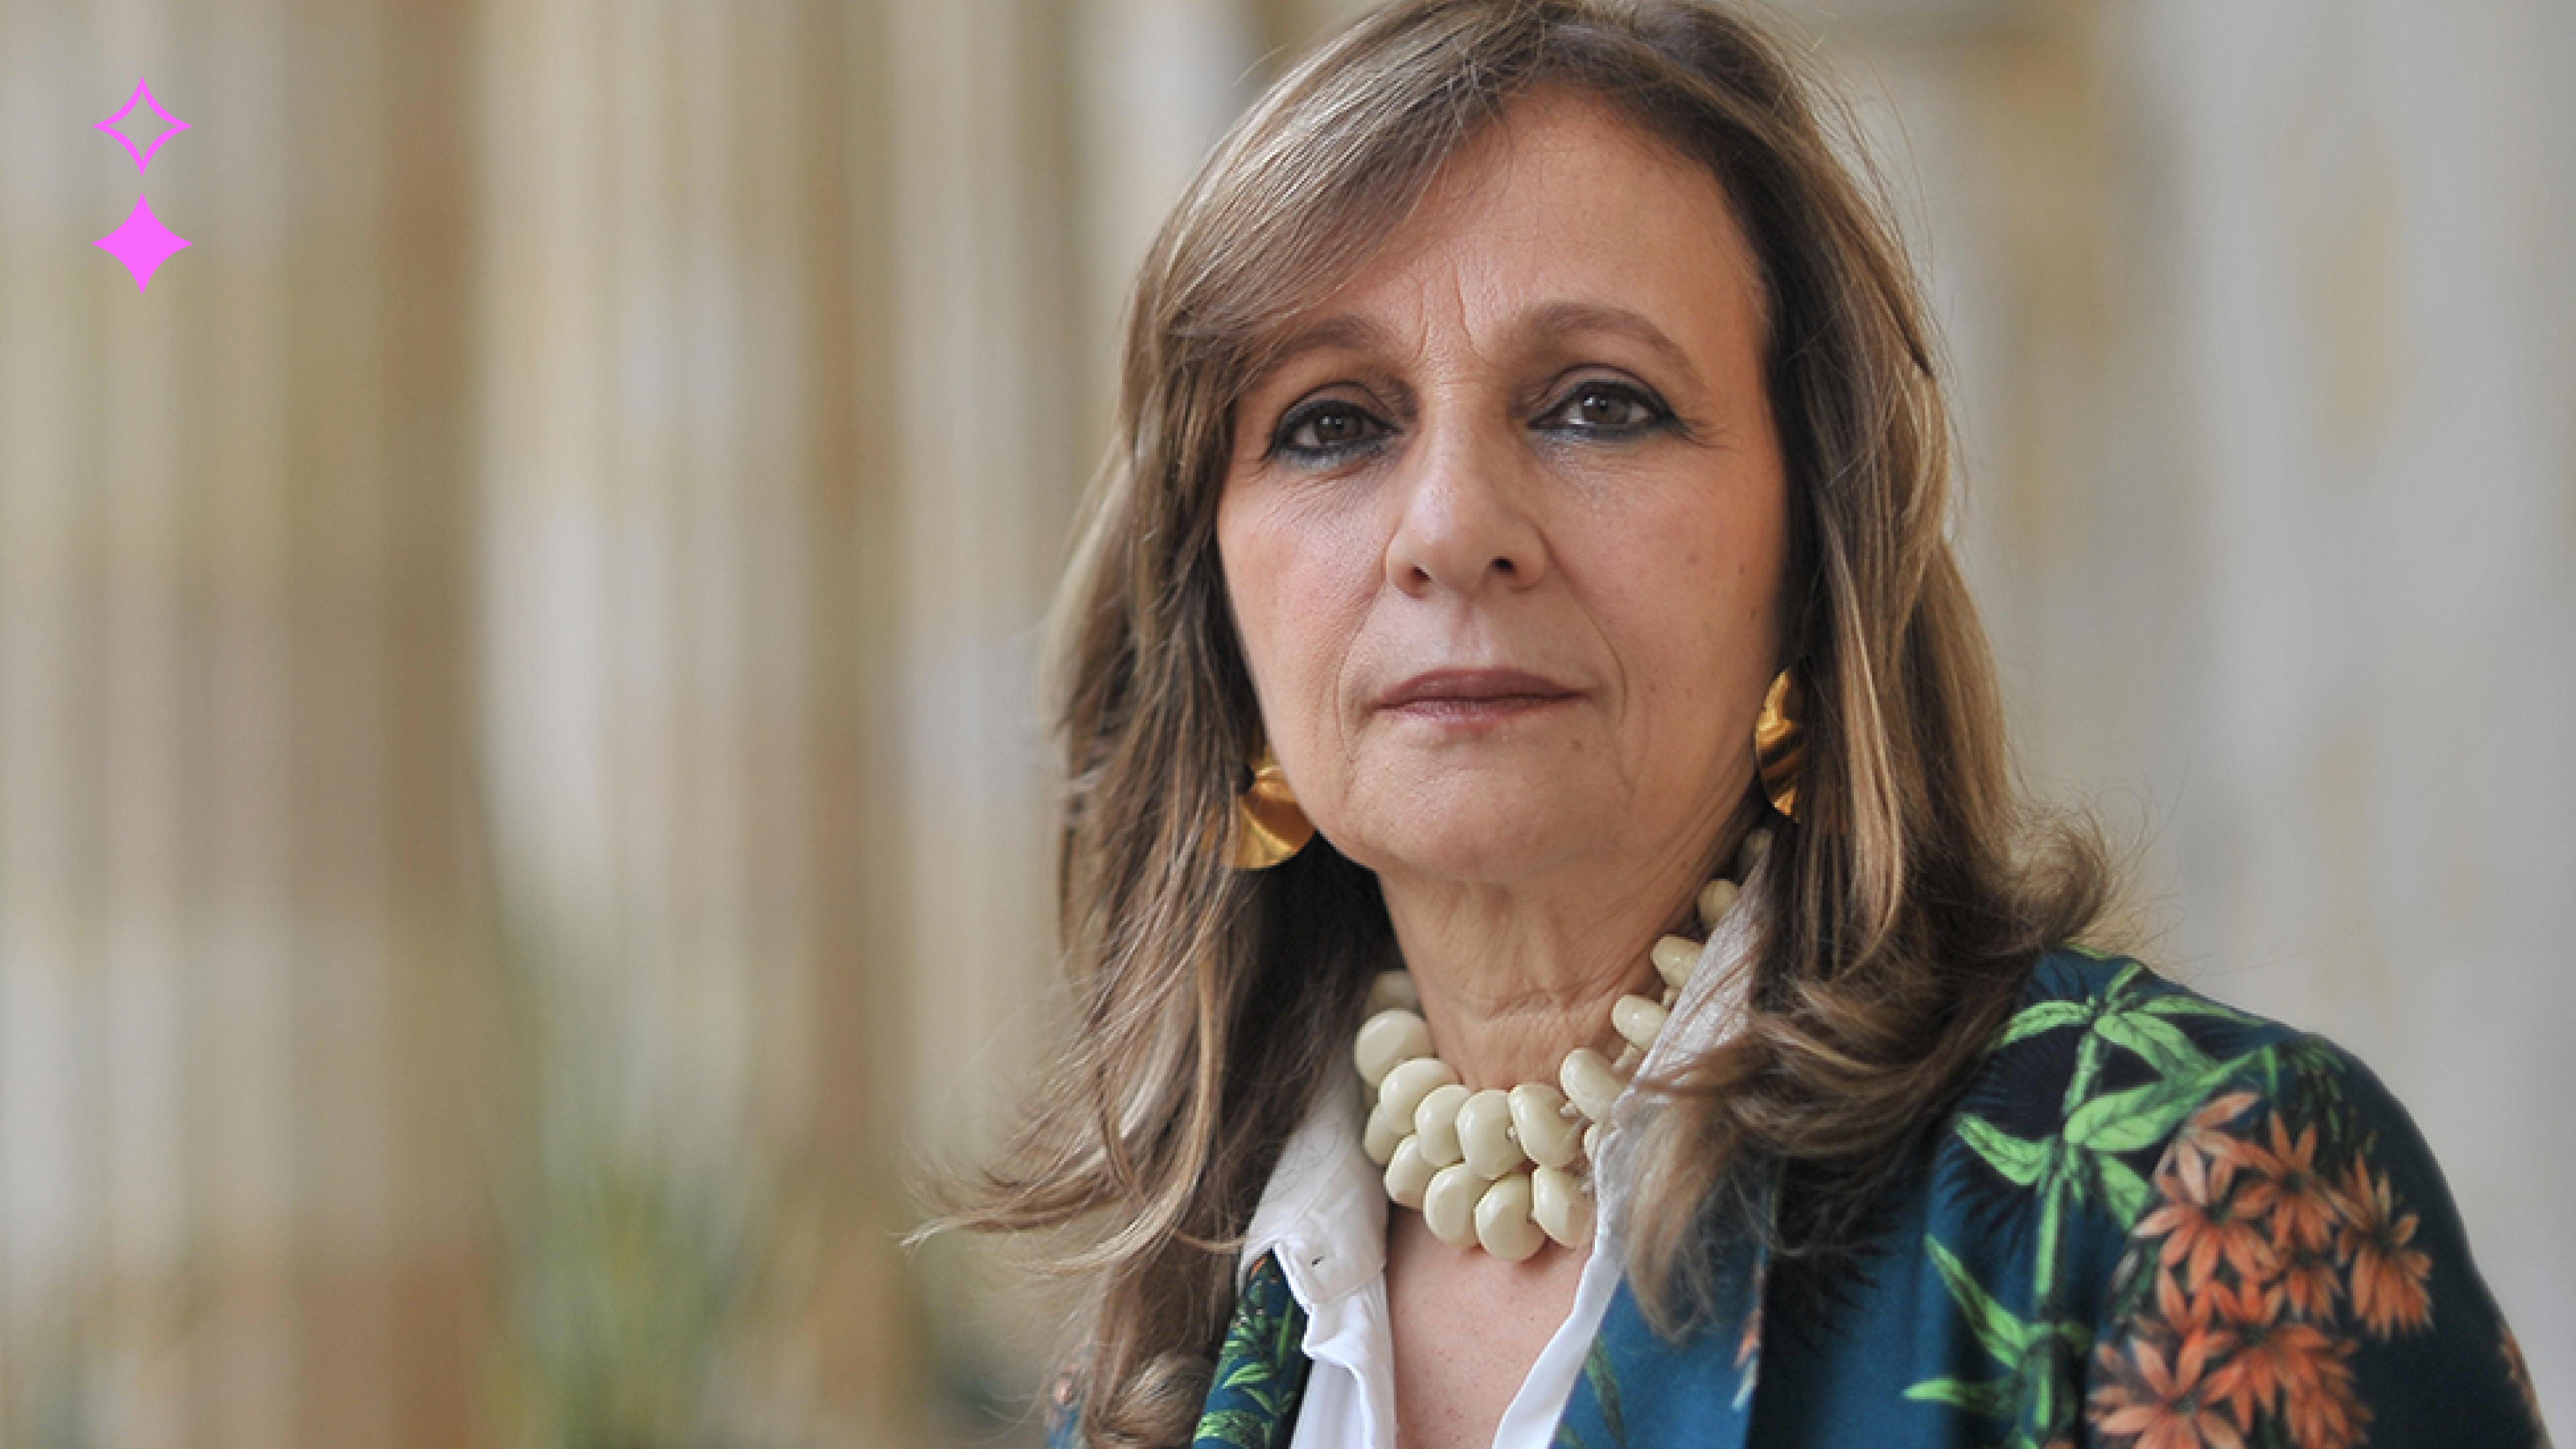 Una Colombia cuidadora: la apuesta feminista de Ángela María Robledo